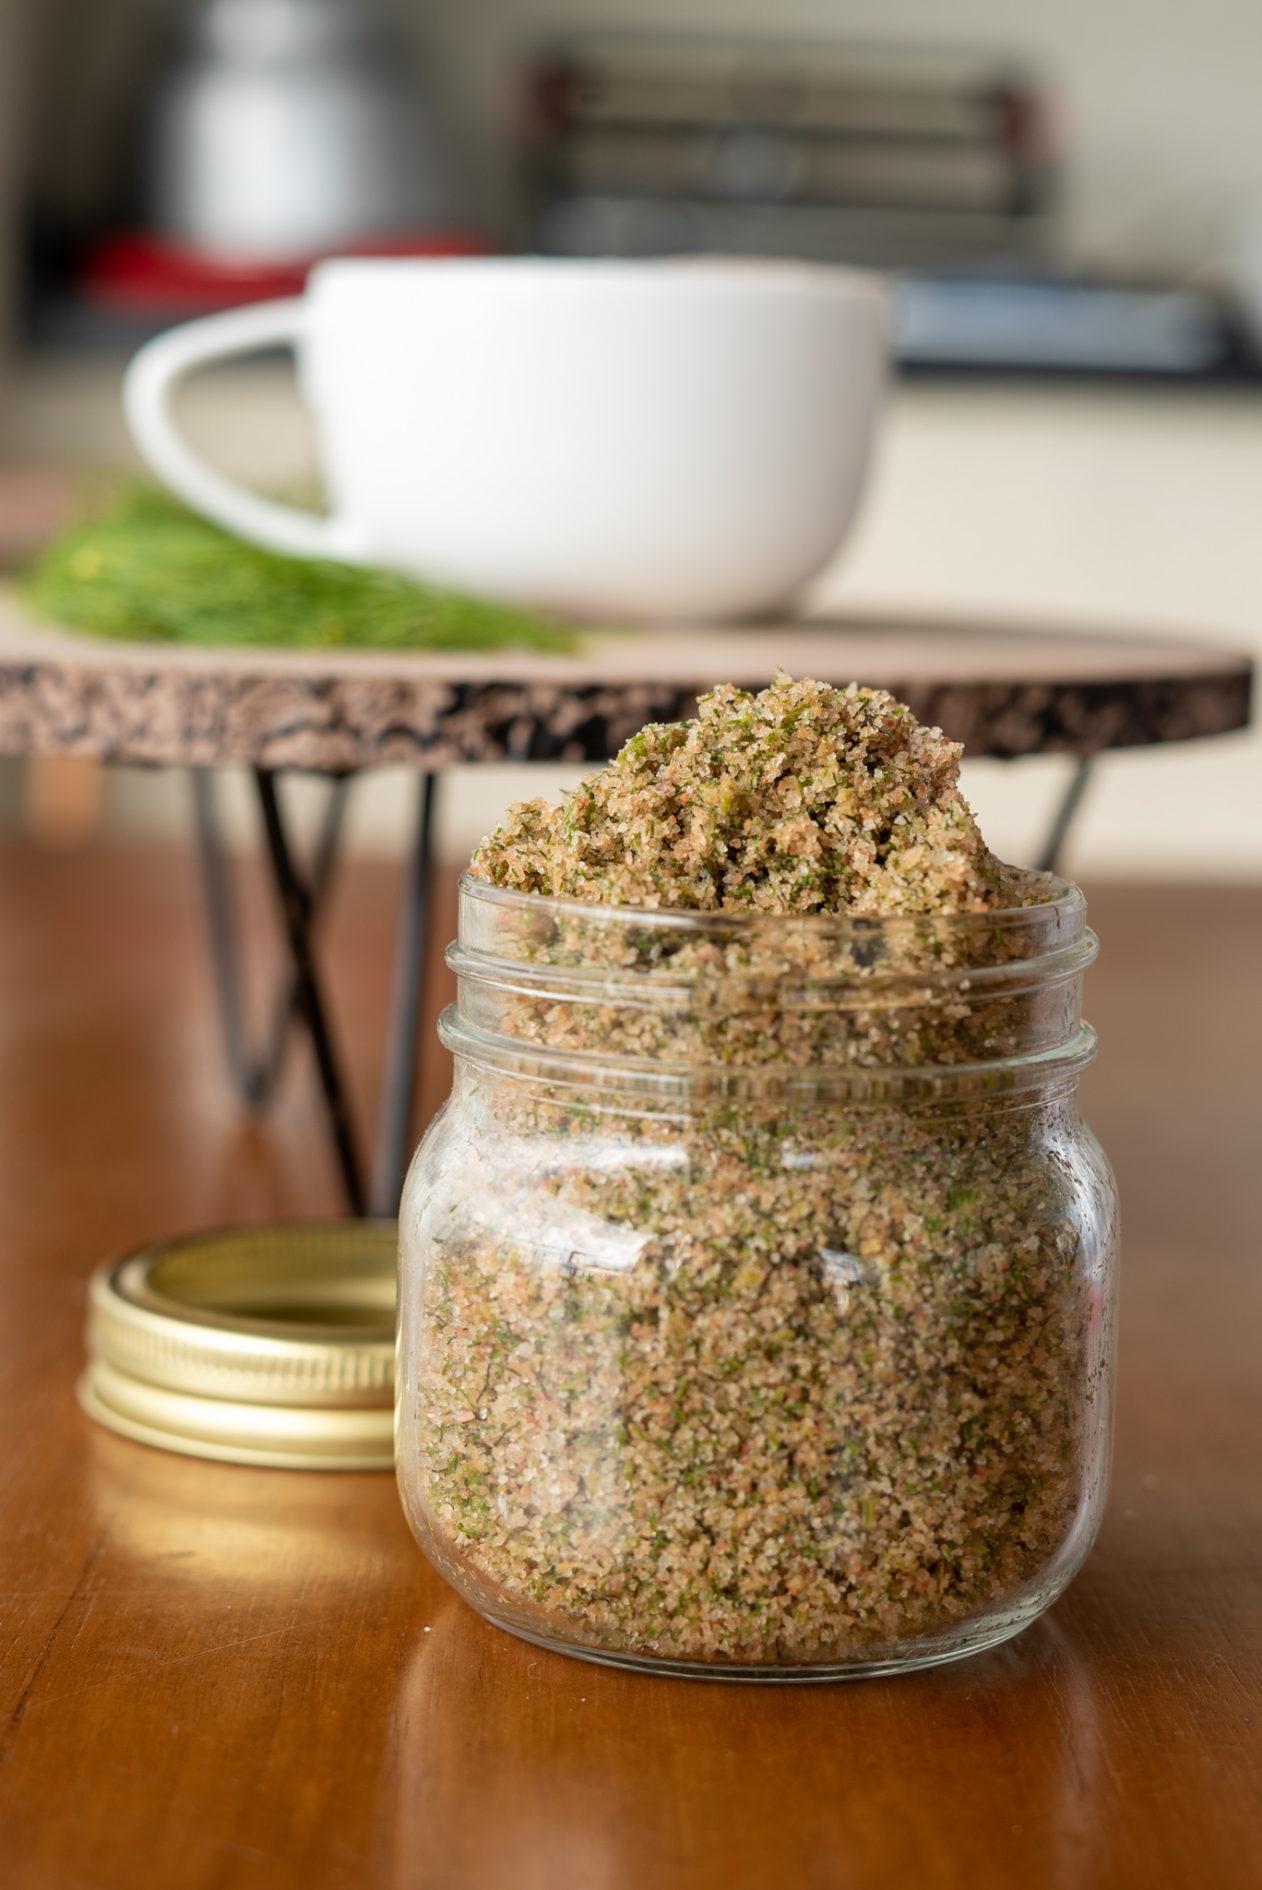 Faça para congelar - sal de ervas para congelar e ter sempre tempero de ervas frescas.